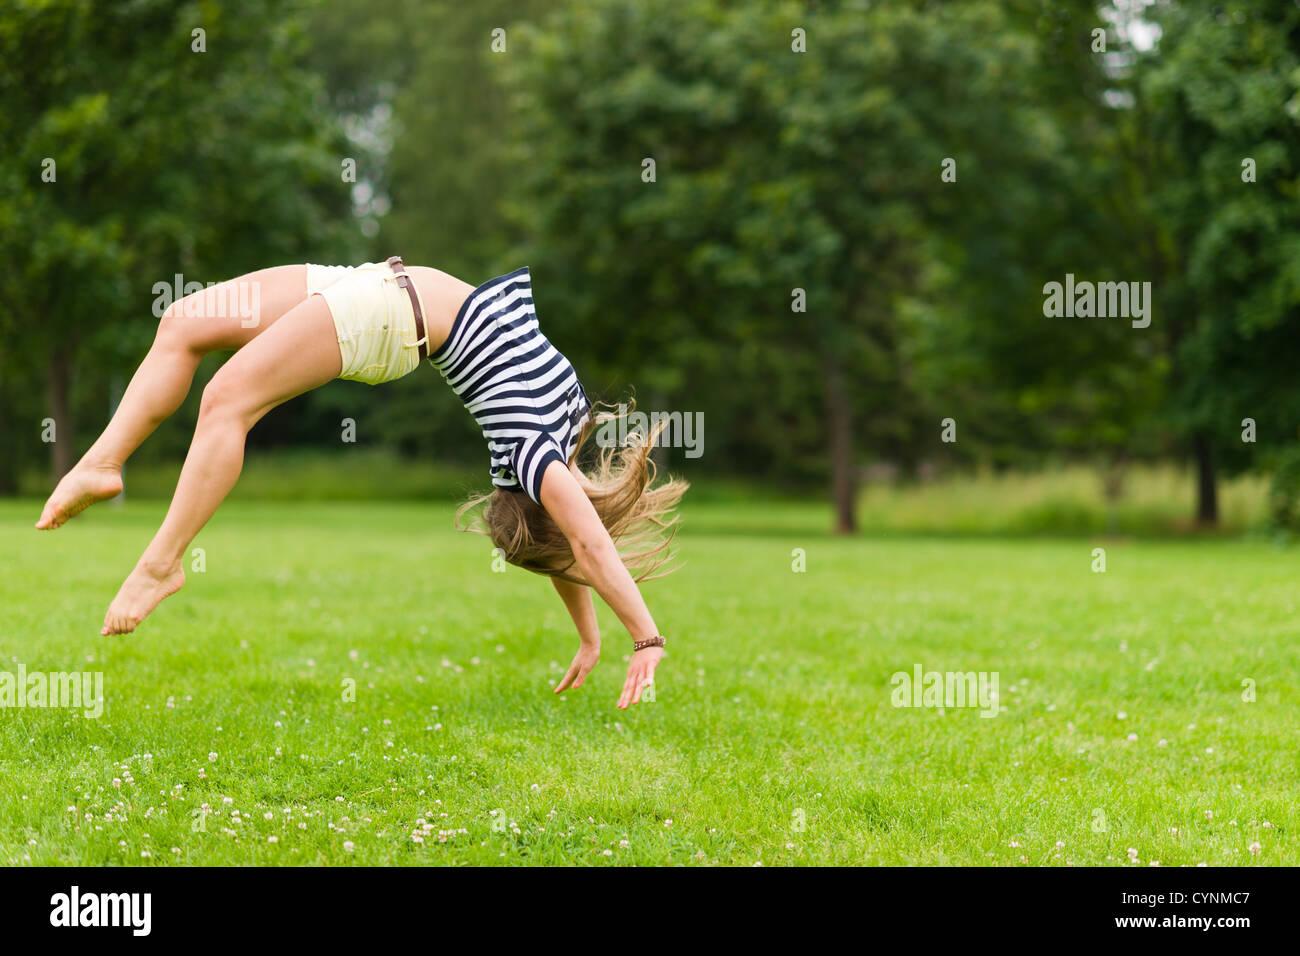 Jovem rapariga desportiva saltar para trás no parque, imagem com profundidade de campo estreito Imagens de Stock